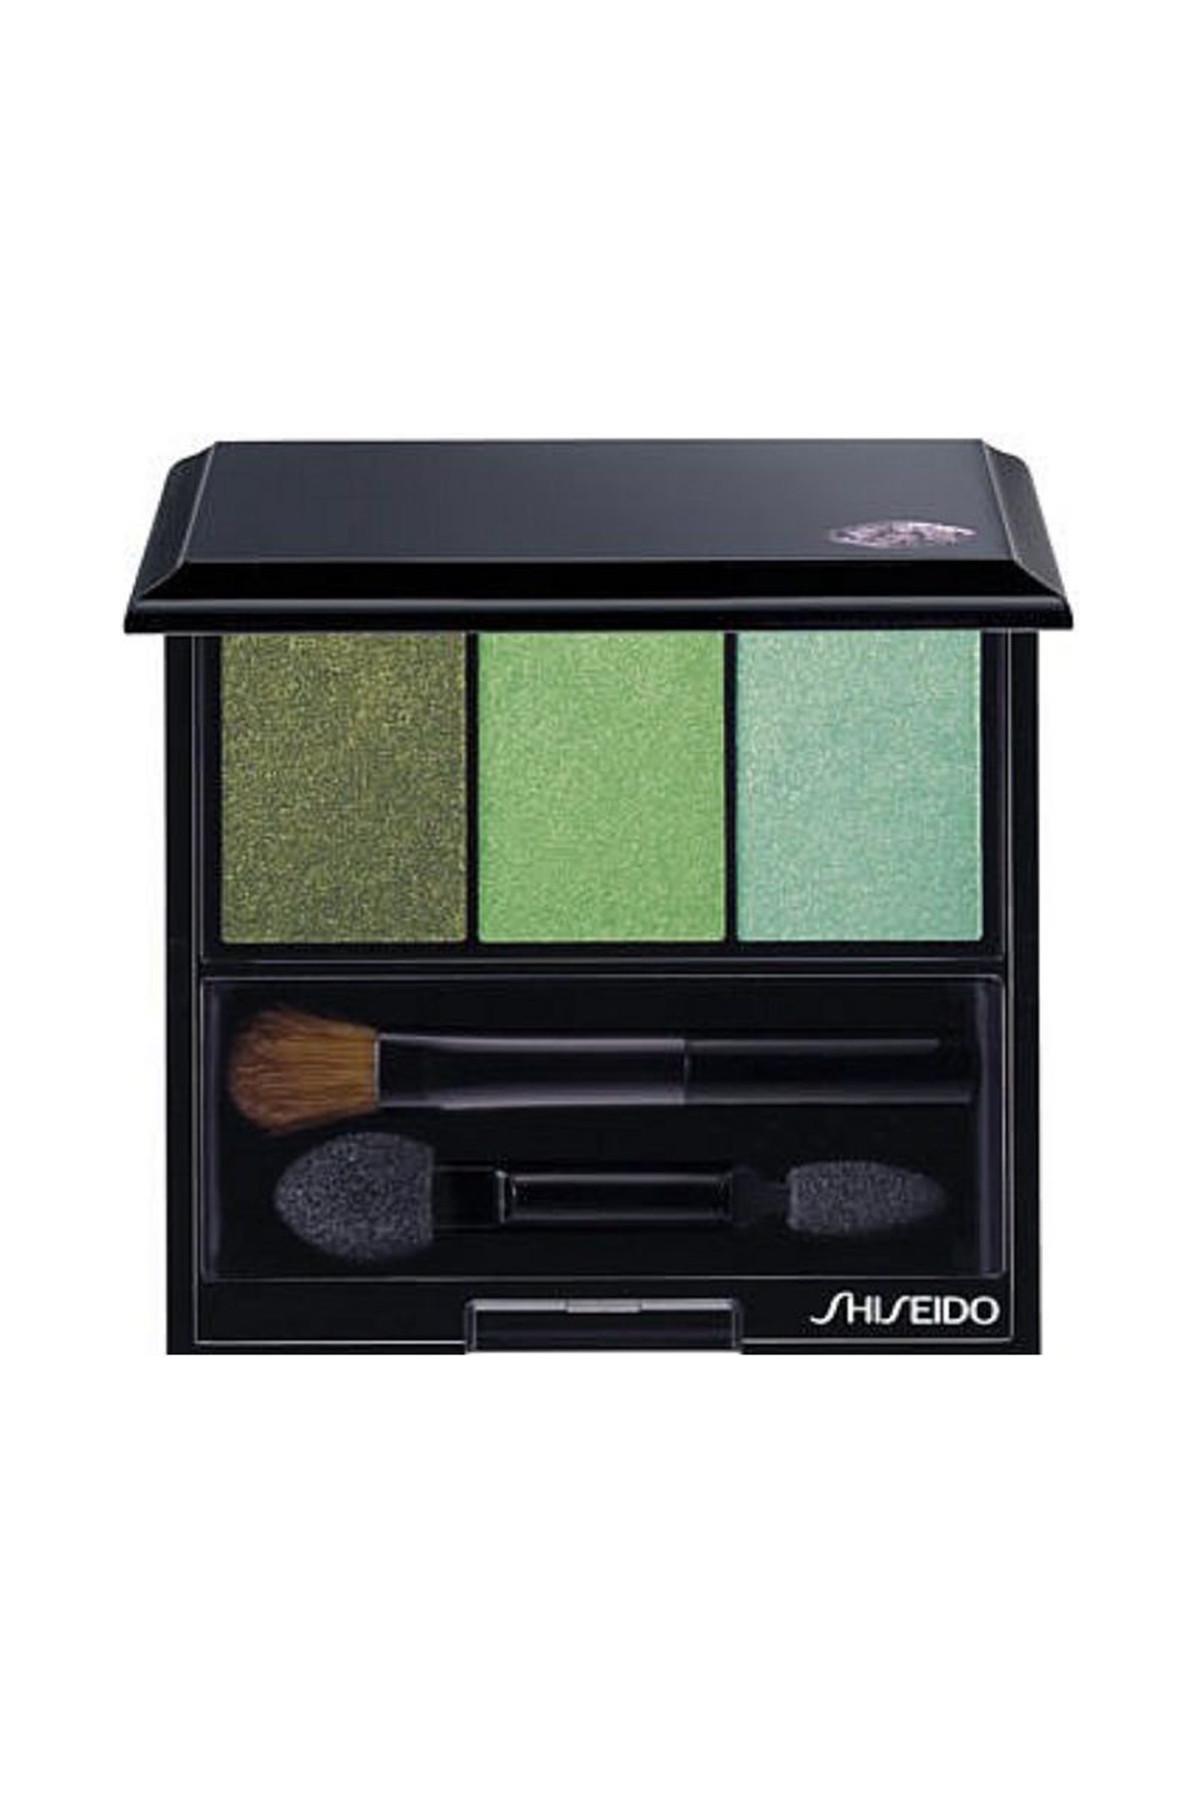 Shiseido Saten bitişli 3'lü Göz Farı - Luminizing Satin Eye Color Trio GR305 7 729238105256 2